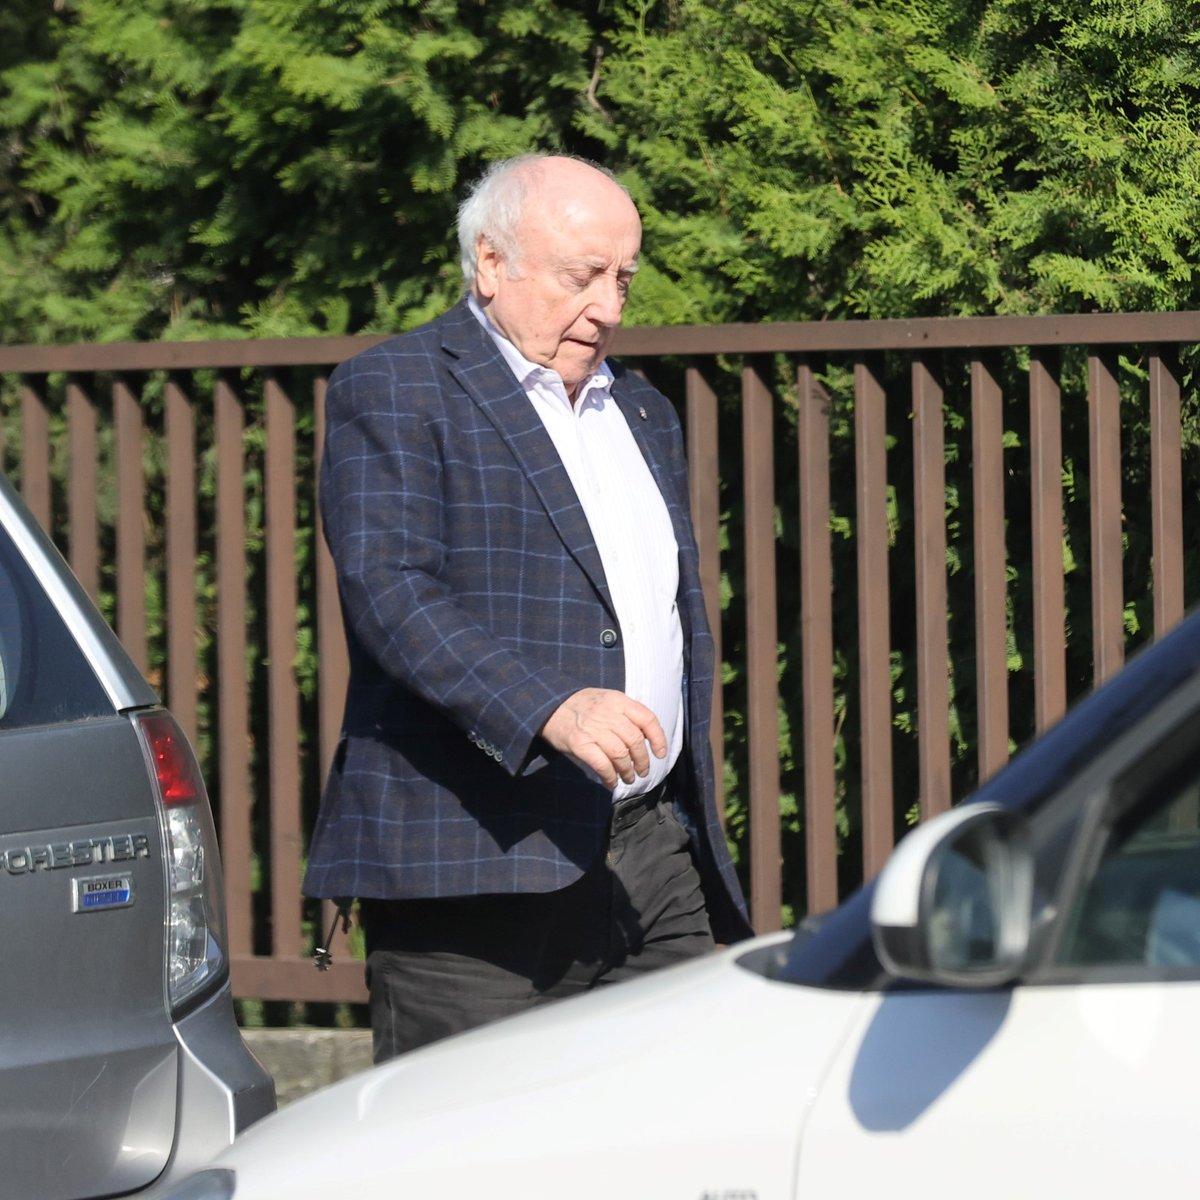 Oslava 65. narozeniny Dády Patrasové: Felix Slováček přinesl Dádě k narozeninám kus masa, pak odfrčel k milence